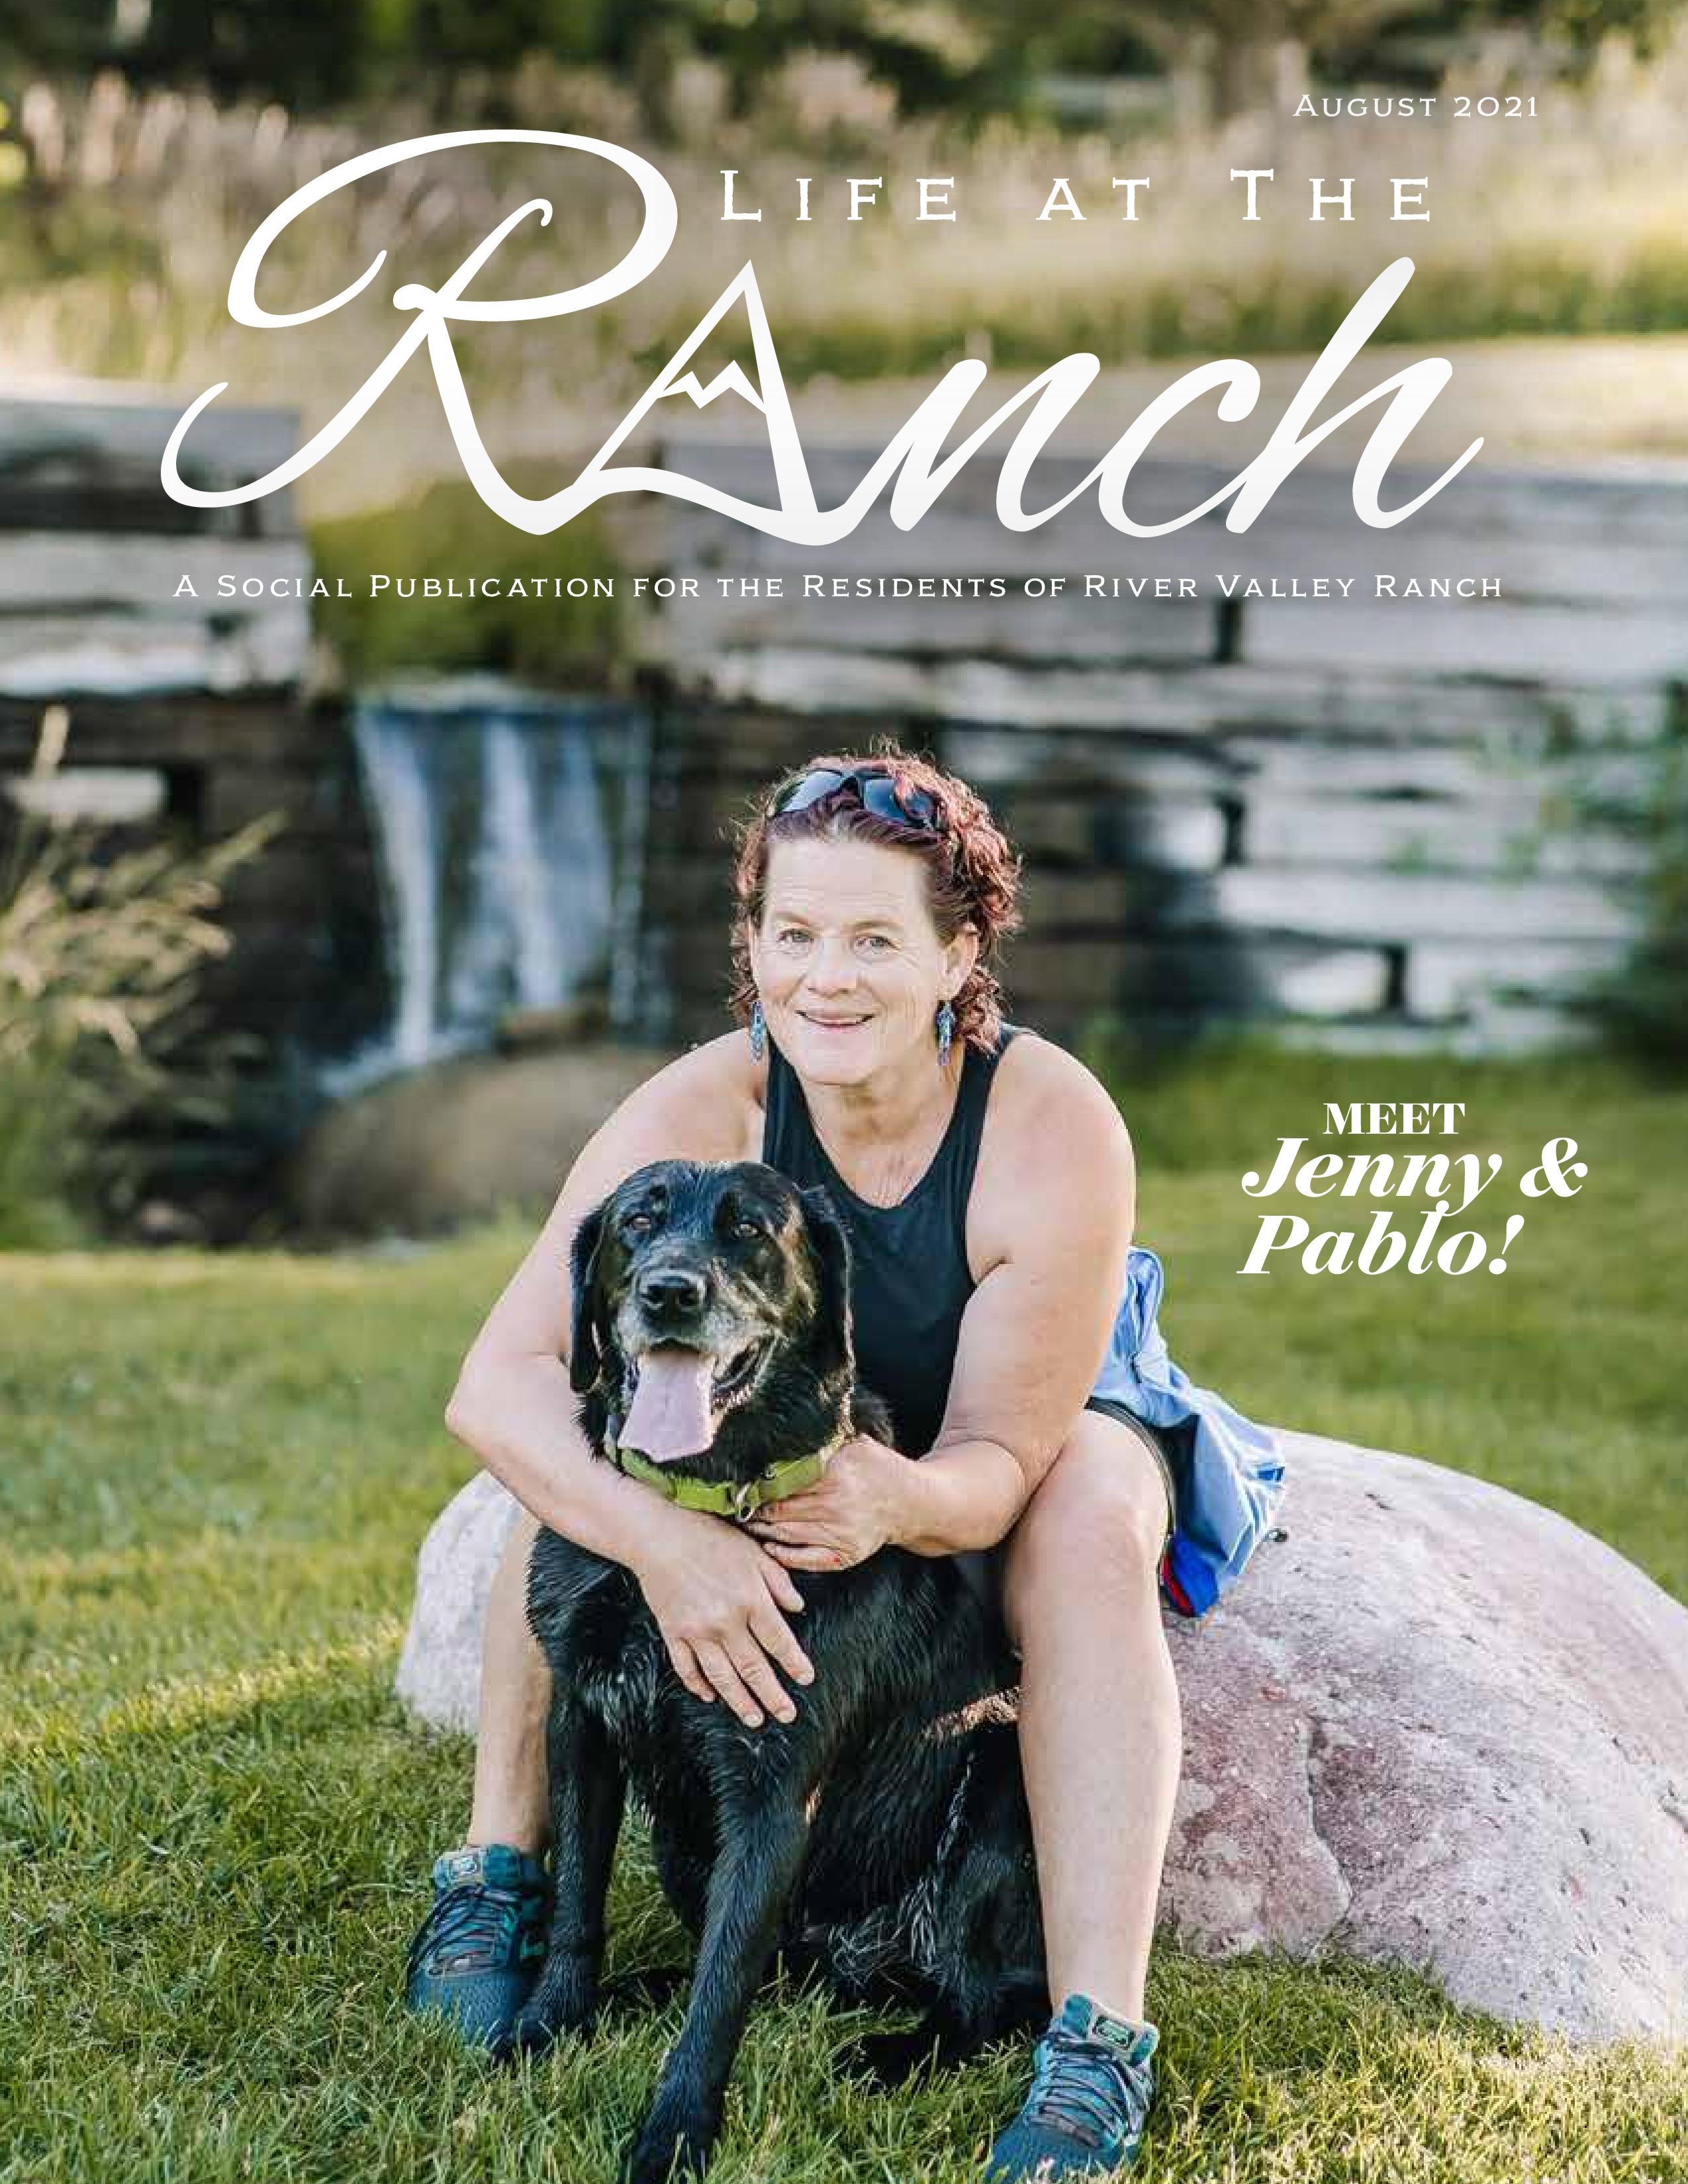 Life at the Ranch 2021-08-01